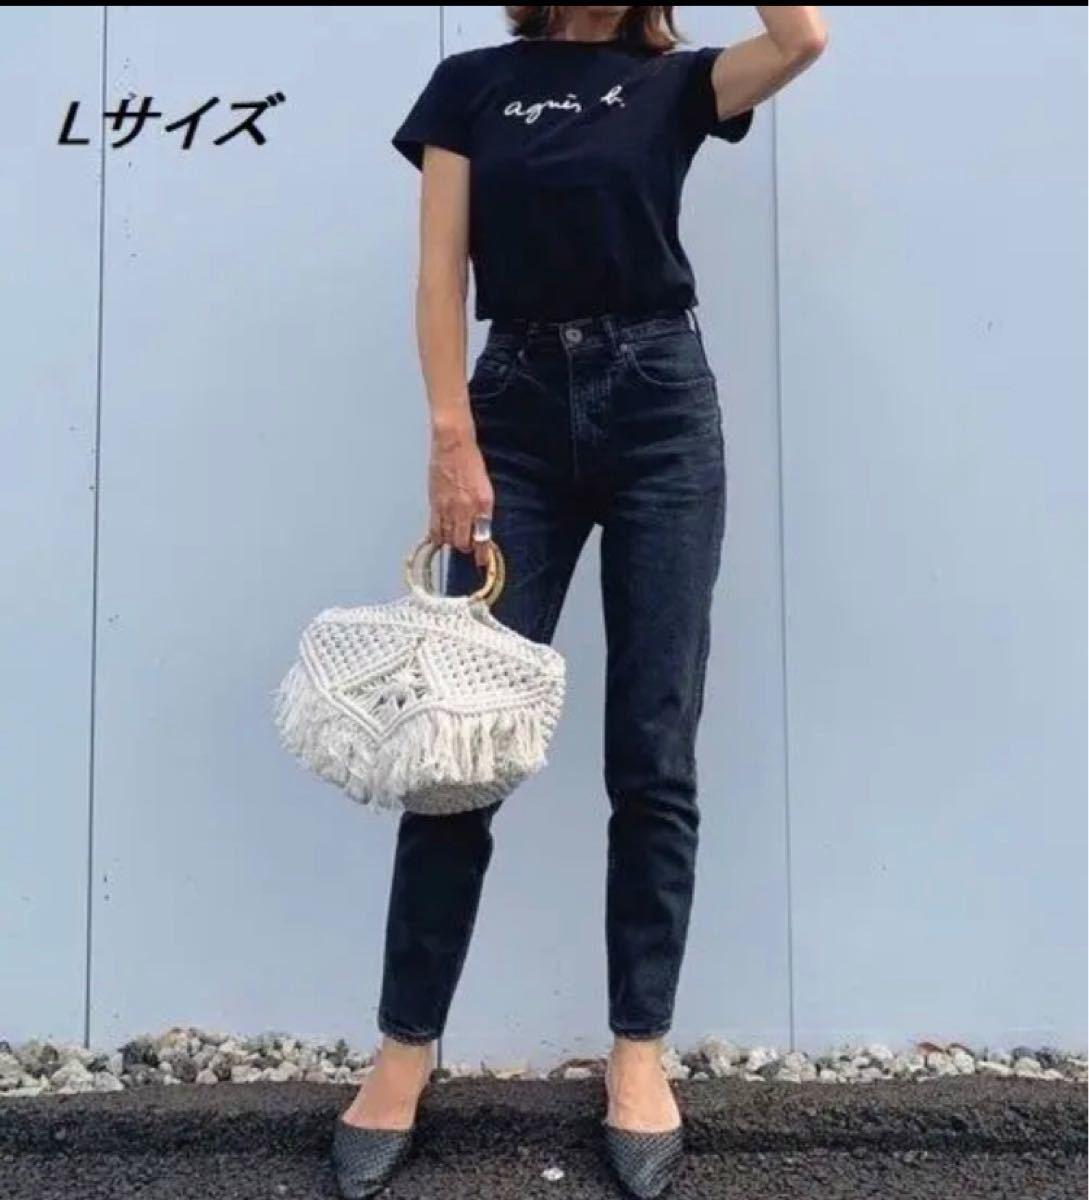 【Agnes b】アニエスベー★Tシャツ・Lサイズ★レディース★ブラック